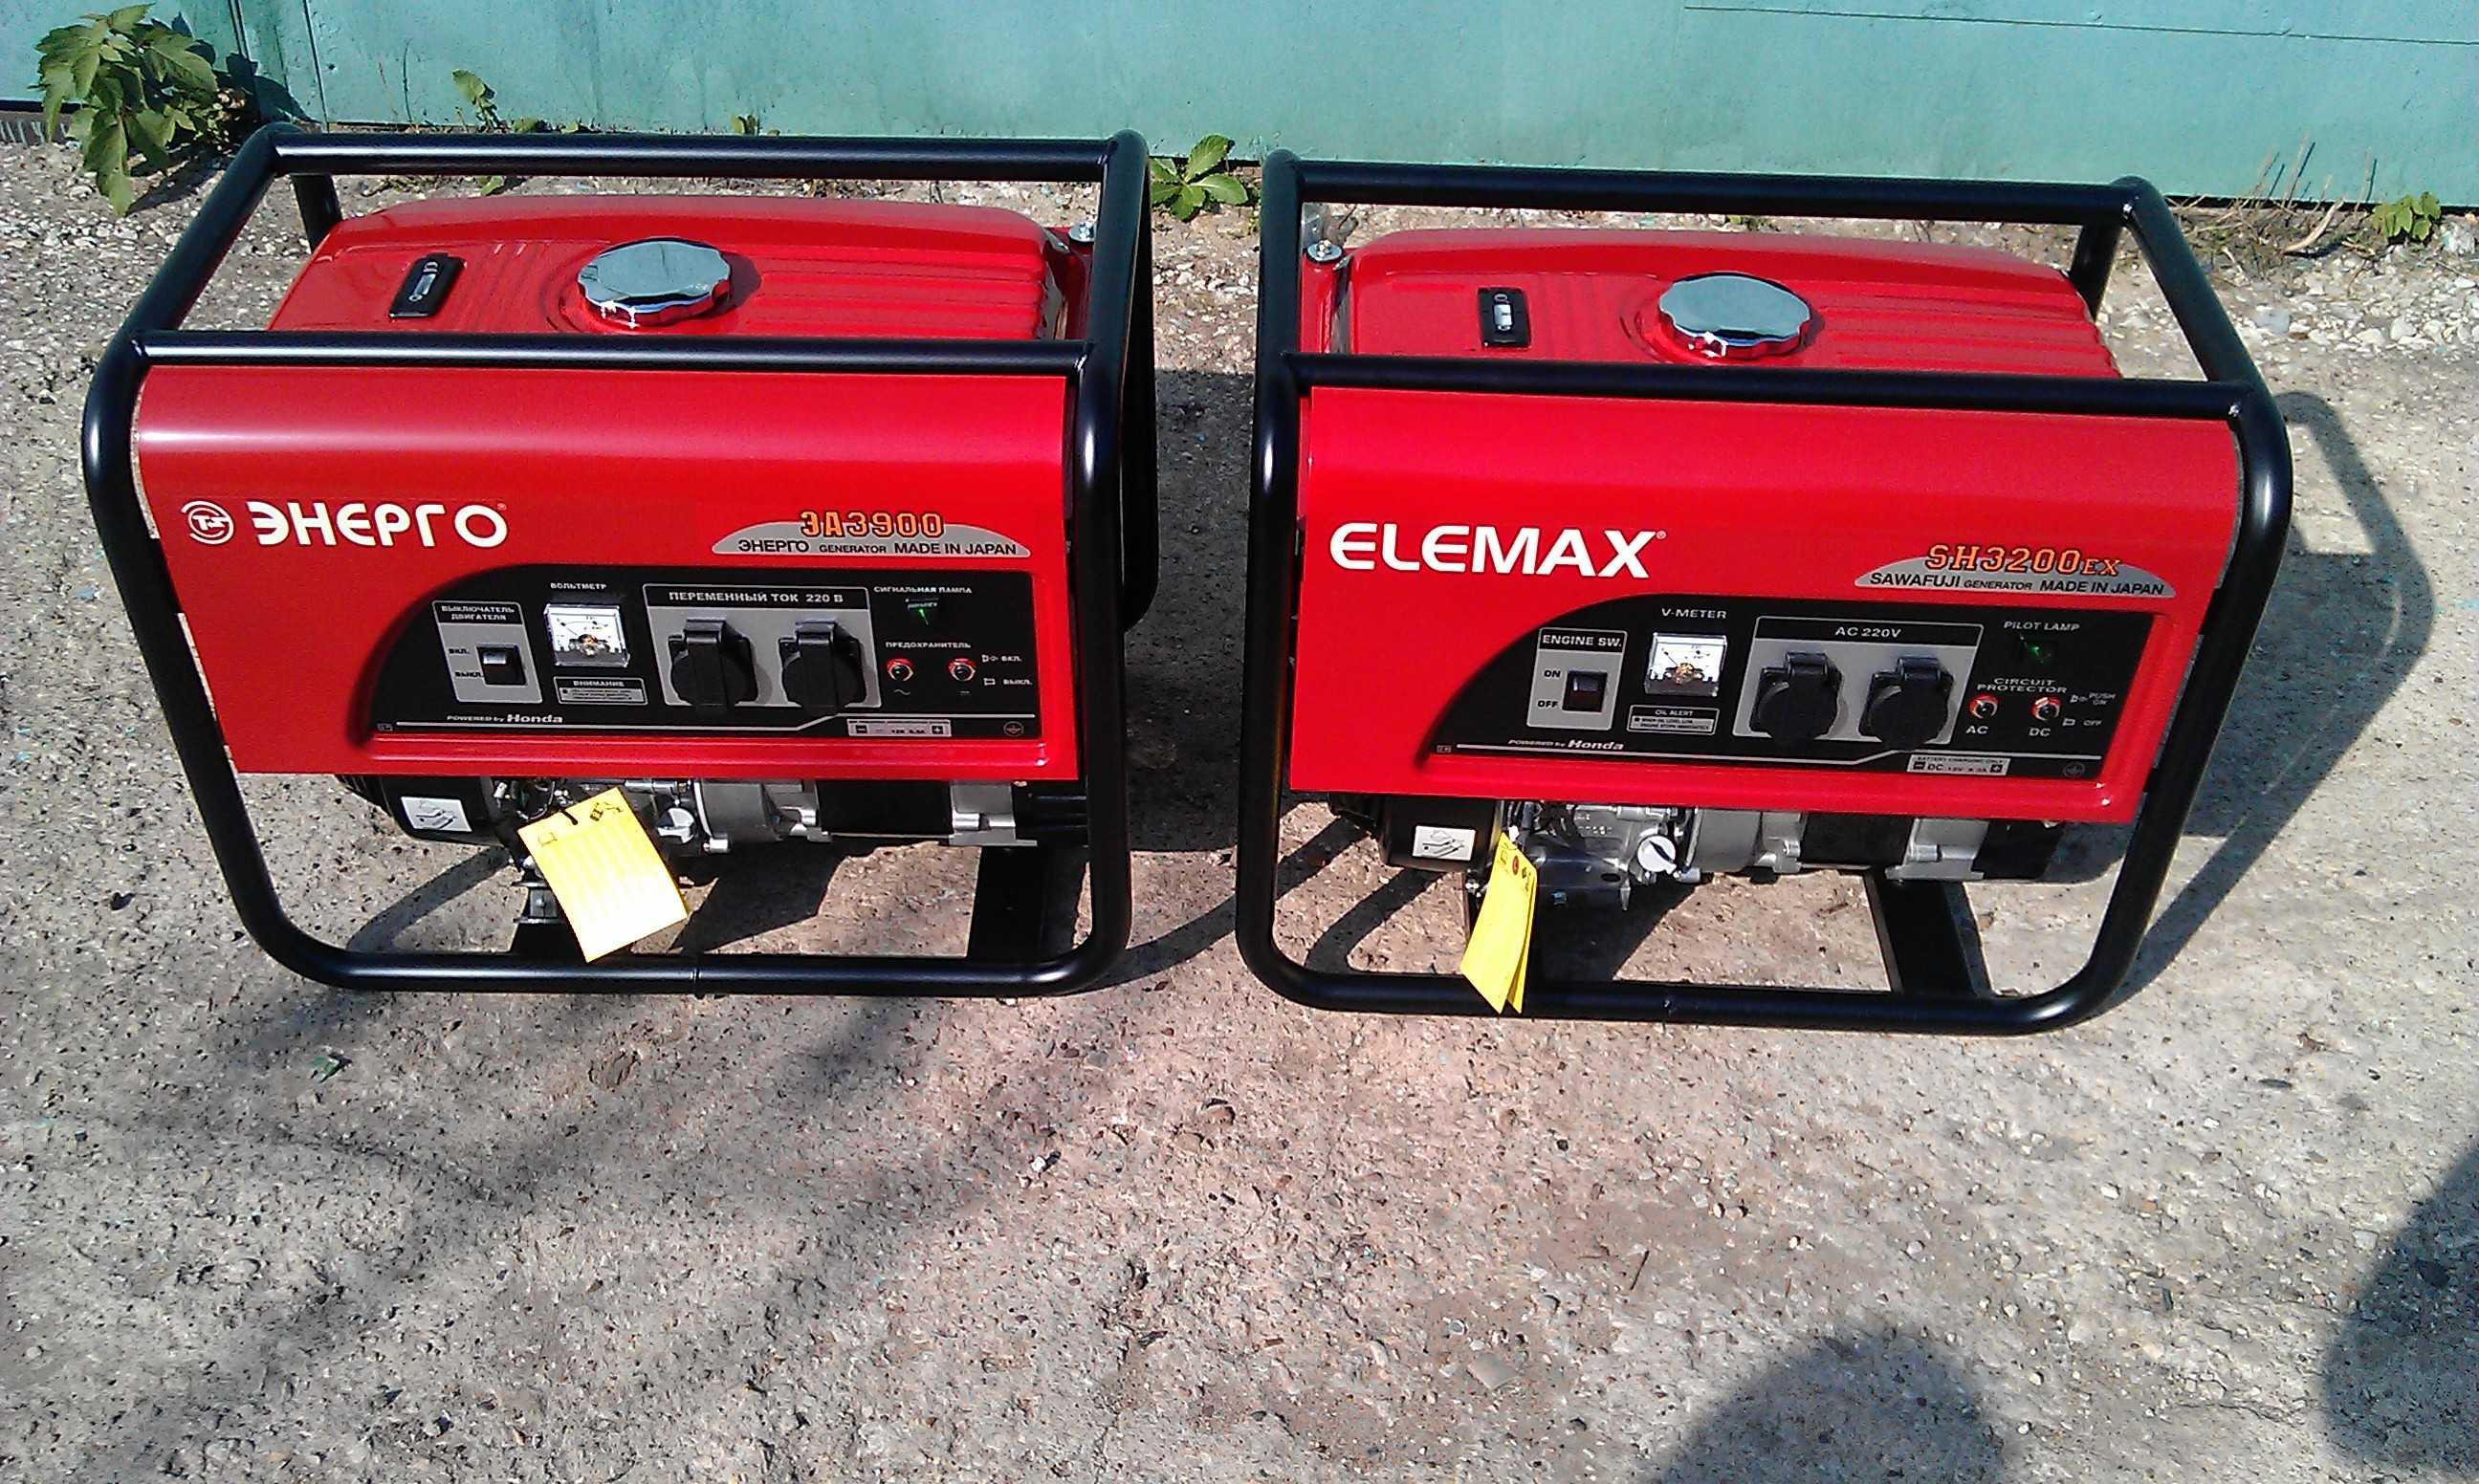 Какой генератор для дома лучше выбрать? рейтинг электрогенераторов 5-6 и 8 квт для частного дома. другие модели для загородного дома